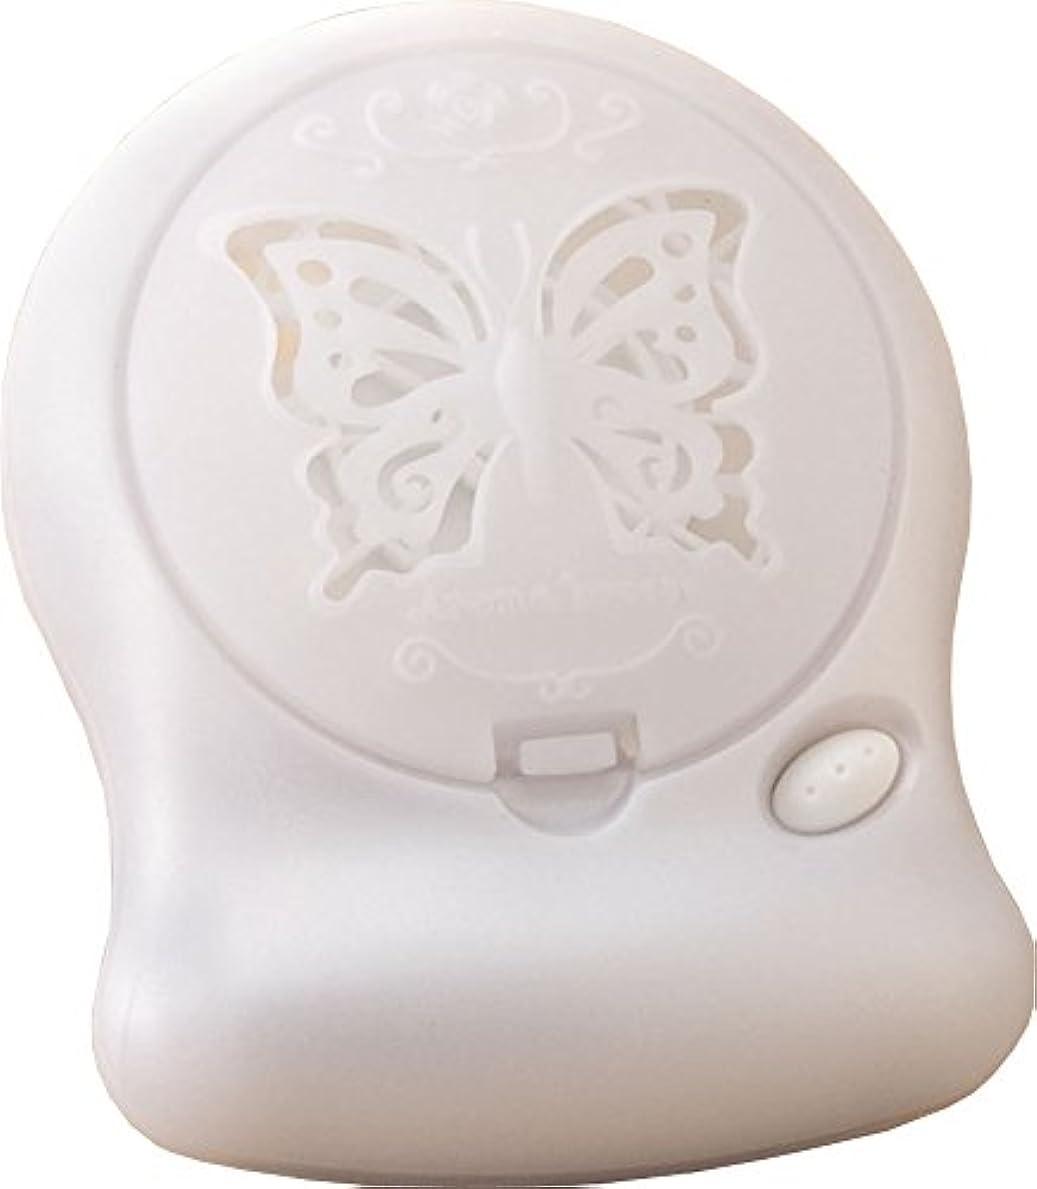 オーガニックボタン肺アロマブリーズ NOVAtJill ホワイト